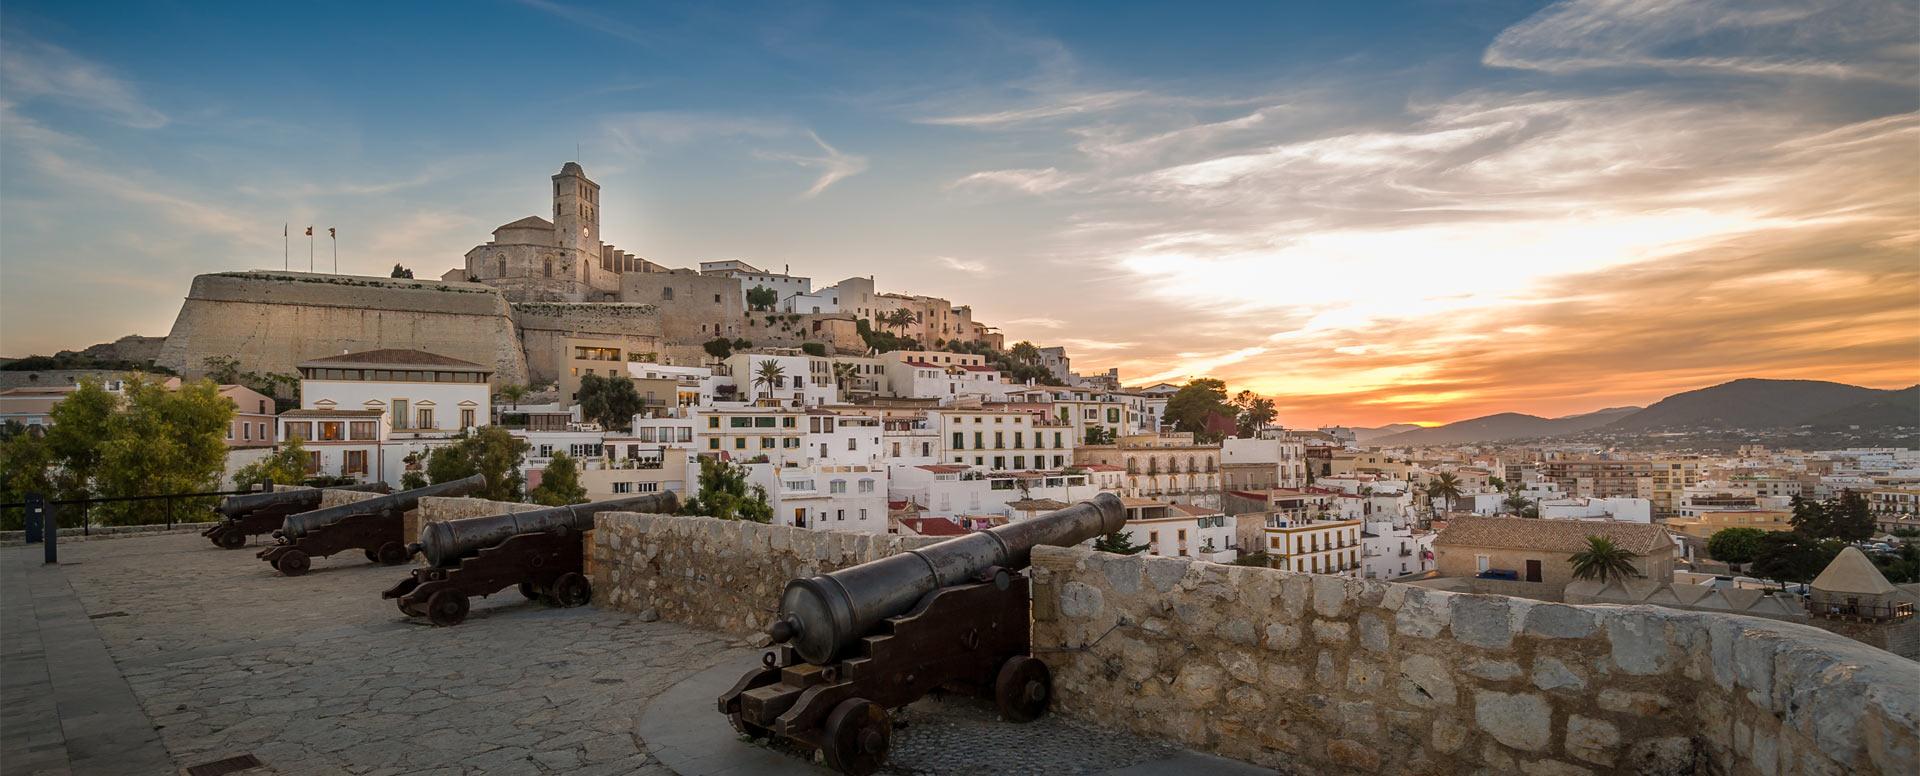 Dalt Vila, the historic heart of Ibiza - Ibiza